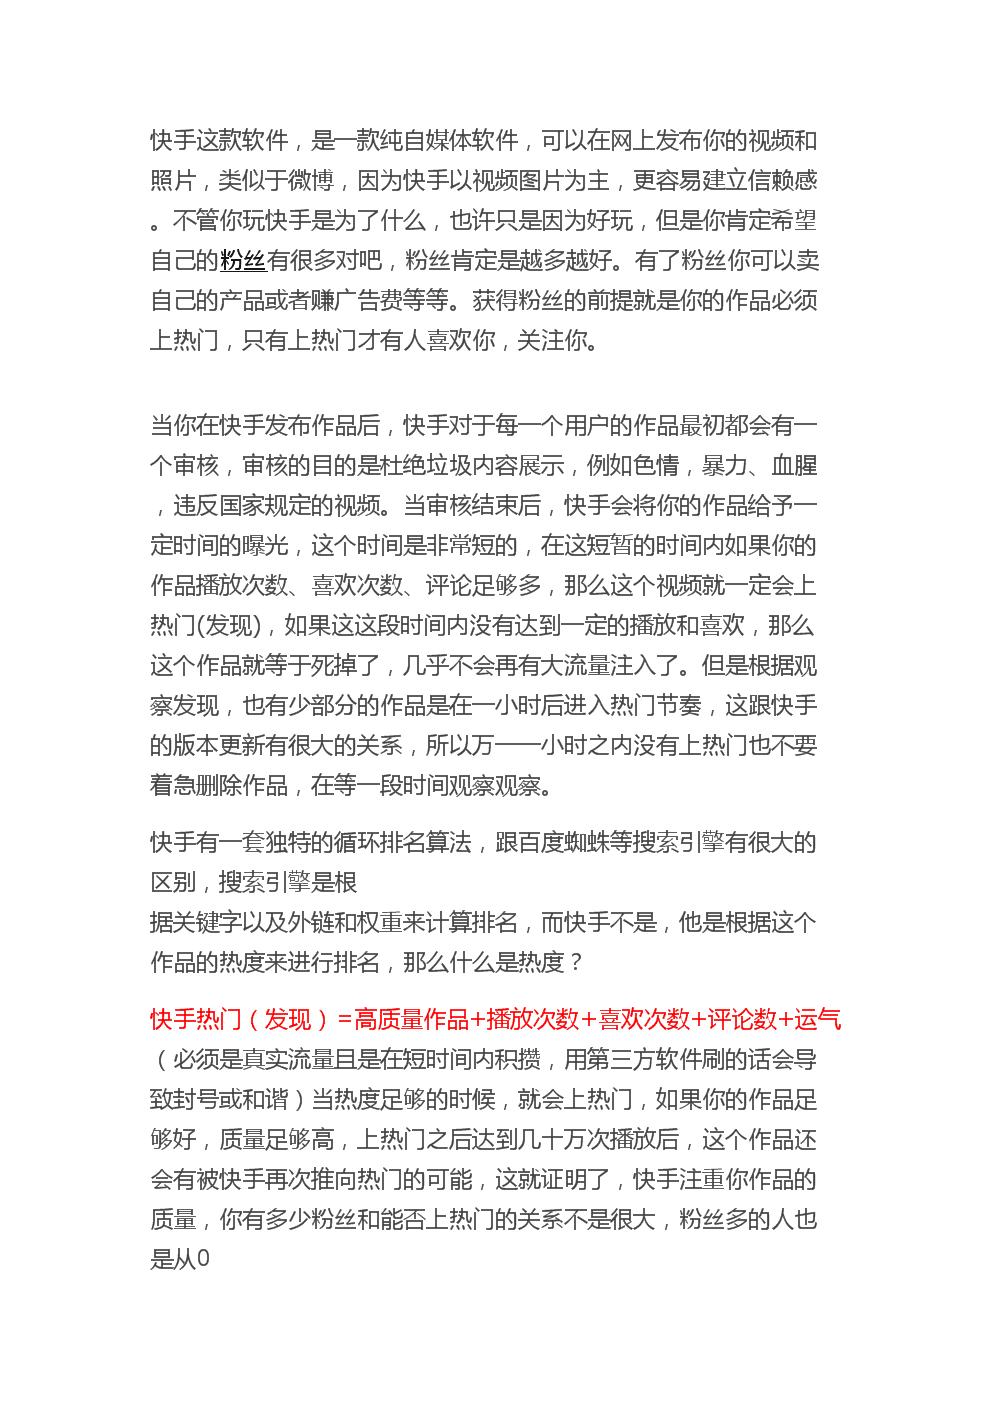 快手简介及上热门排名算法.doc